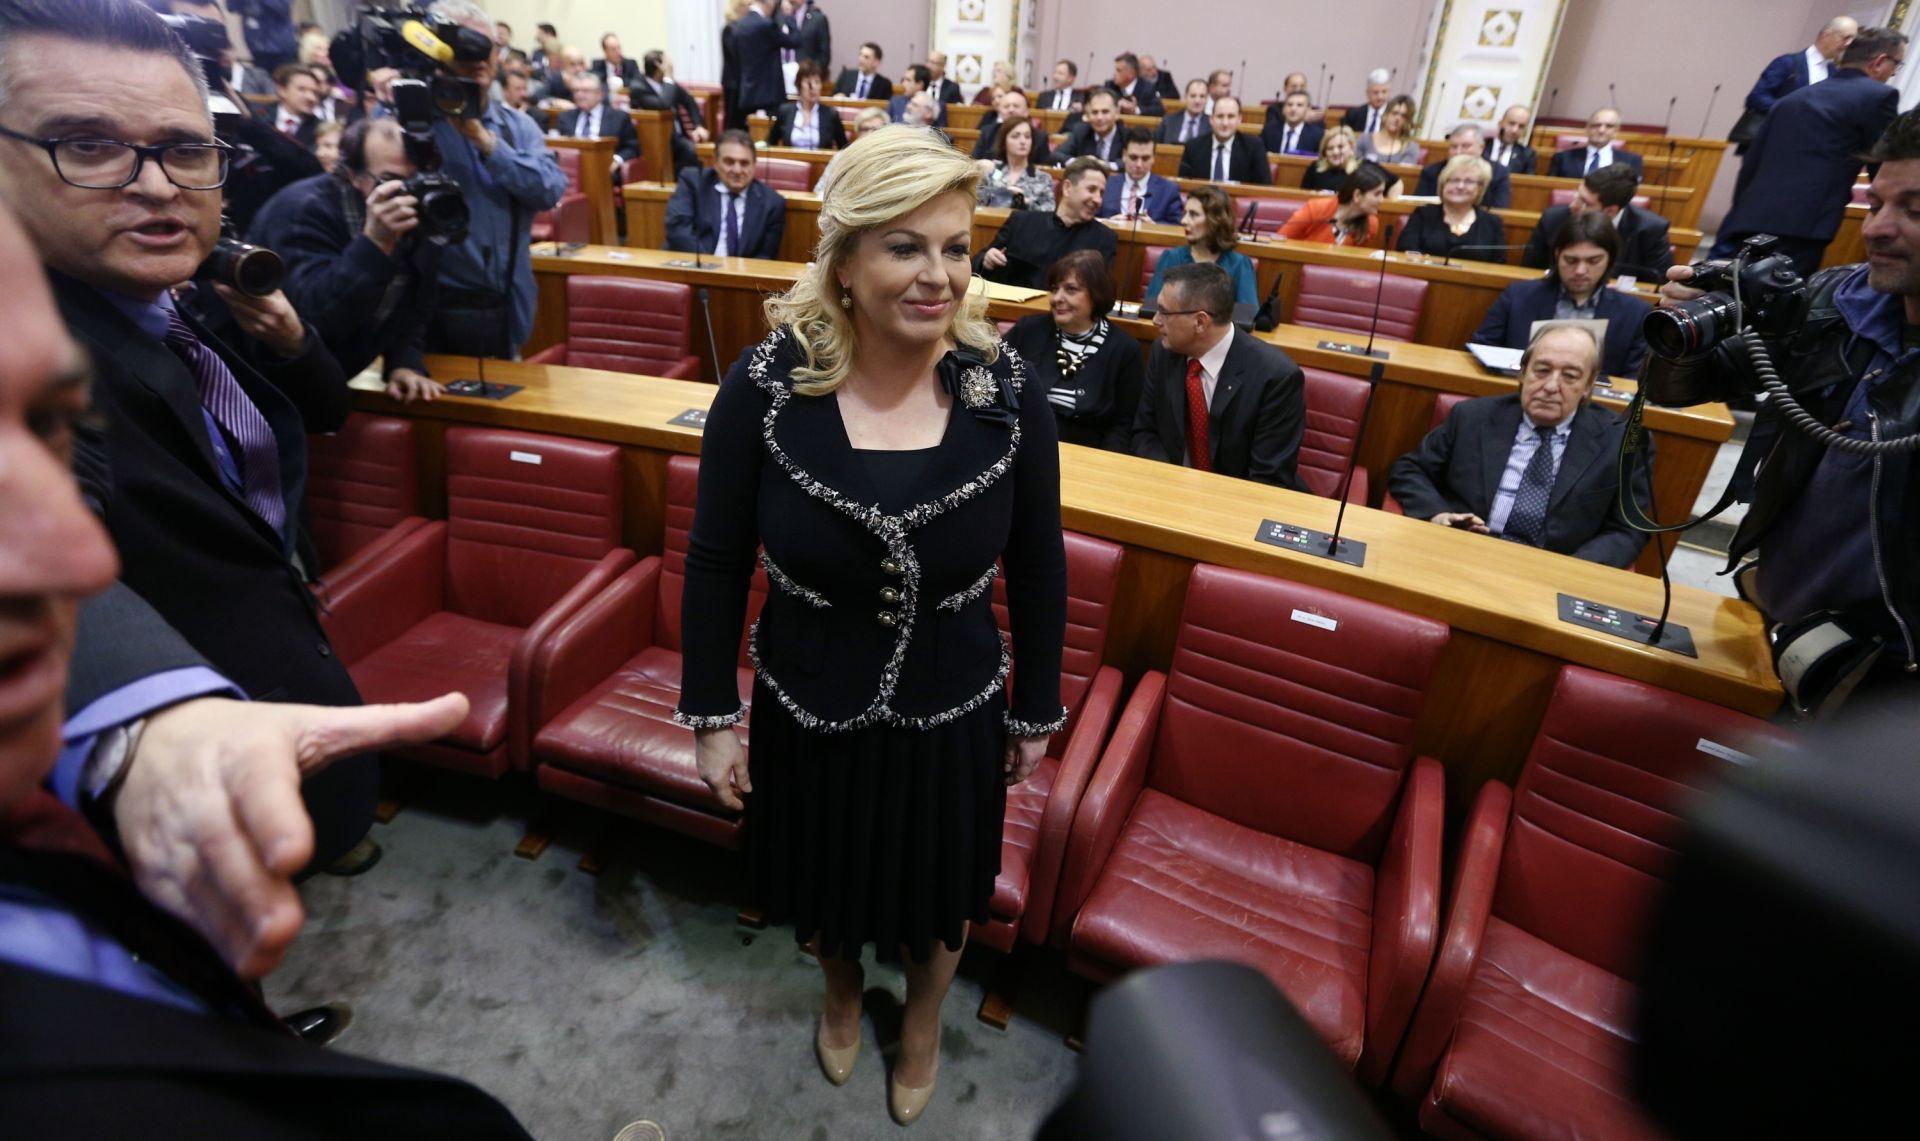 FOTO: SABOR Grabar Kitarović poziva saborske zastupnike na odgovornost prema građanima